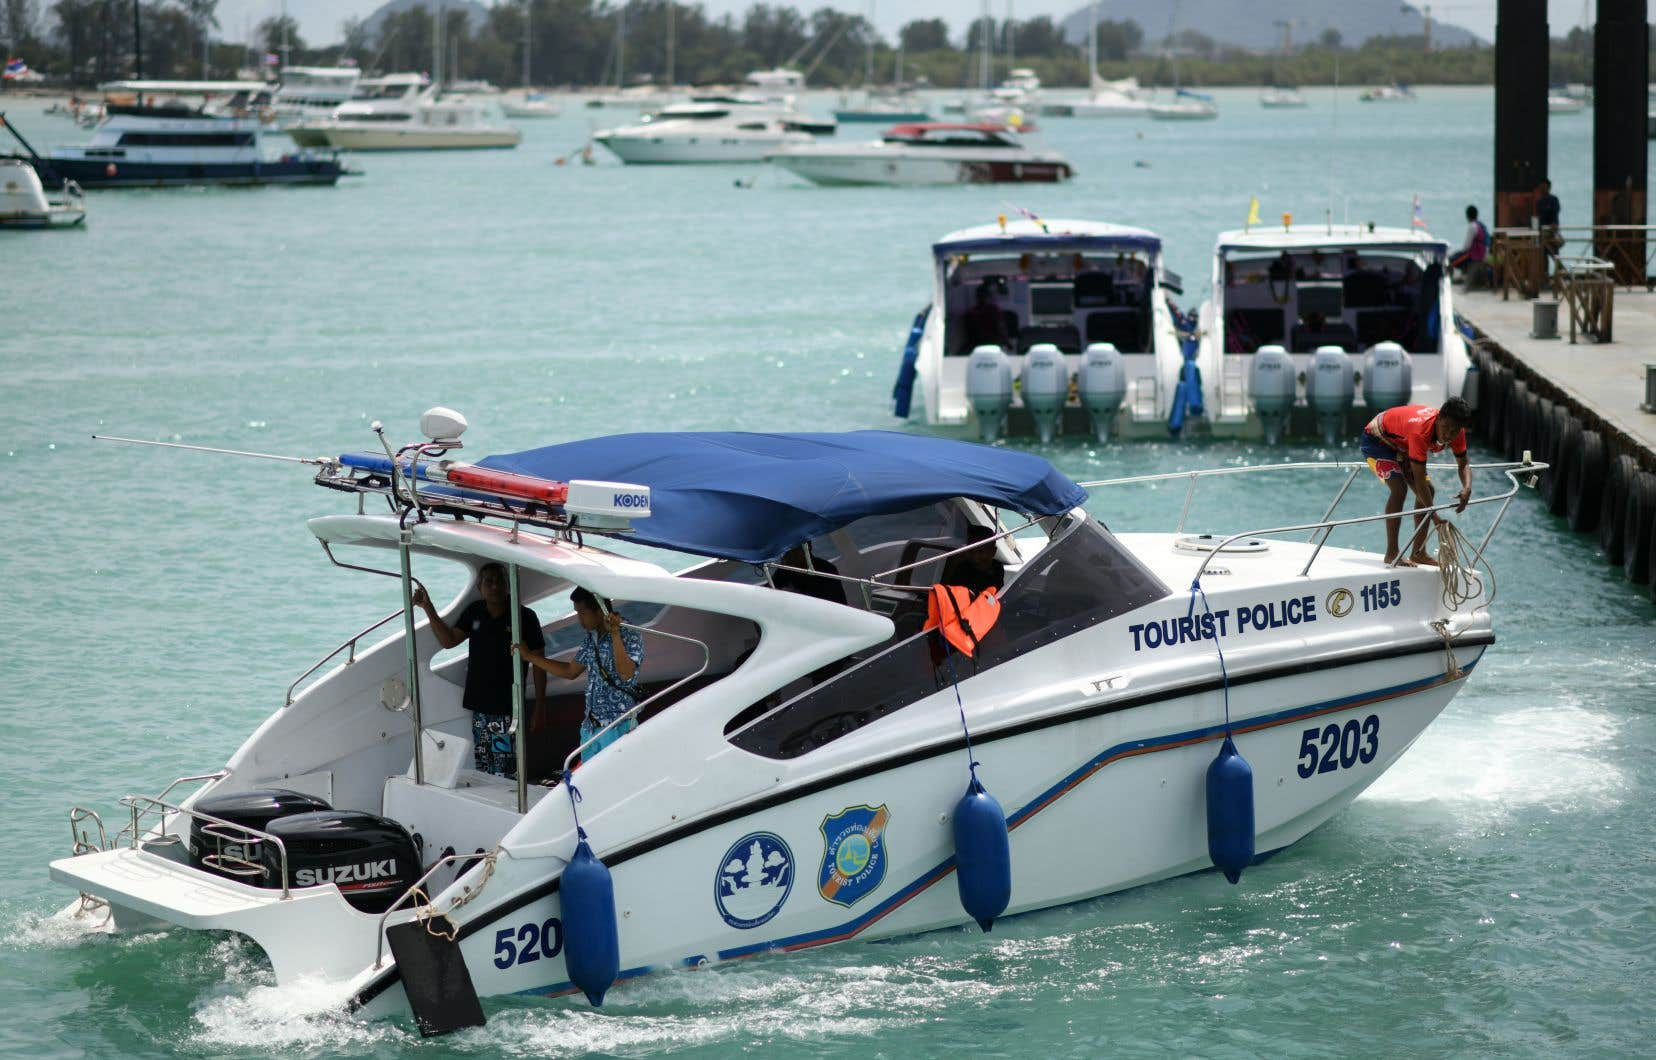 <p>Plusieurs bateaux semblent avoir ignoré les avertissements de ne pas emmener les touristes en excursion dans les îles autour de Phuket.</p>